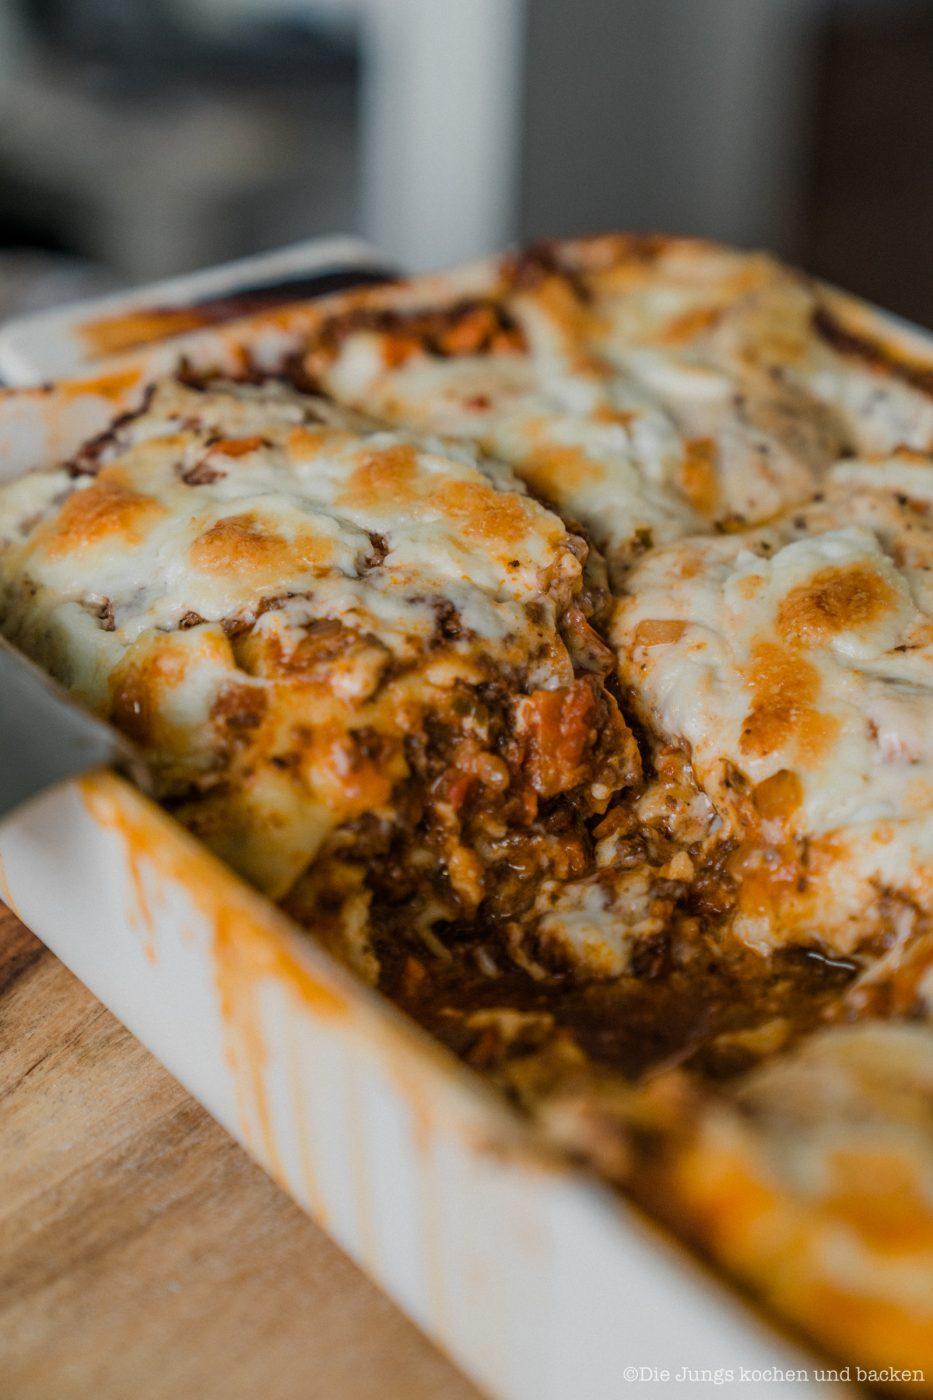 Lasagne al forno 13 | Nachdem wir jetzt in der vergangenen Woche selber Mehl gemahlen, Pastateig selber zu bereitet und natürlich auch damit Nudeln hergestellt haben, ist es wirklich Zeit dafür, unser uraltes Rezept für eine Lasagne al forno einmal ein wenig zu überholen. Da passte es doch perfekt, dass wir dringend ein wenig Comfort-Food brauchten, also Essen, bei dem es einem einfach gut gehen muss. Das Rezept stammt aus unseren Kinderschuhen aus dem Jahr 2013. Keine Sorge. Das Rezept war damals schon Klasse und wir haben es auch bis heute nicht verändert.